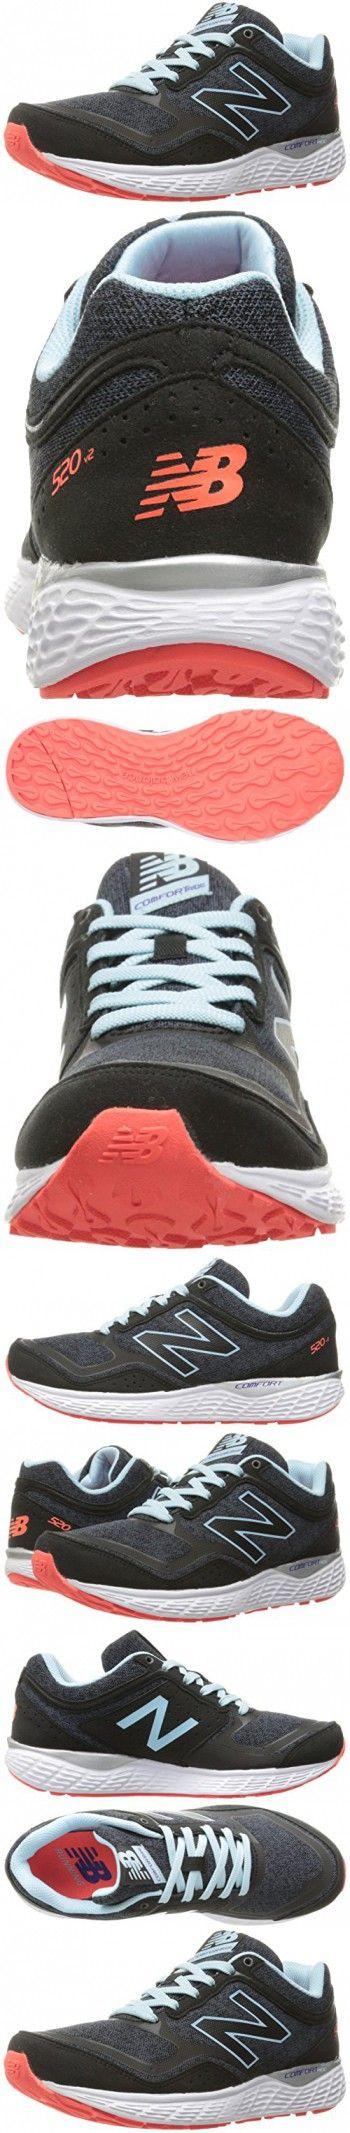 New Balance Women's 520v3 Running Shoe, Black/Thunder, 8 D US